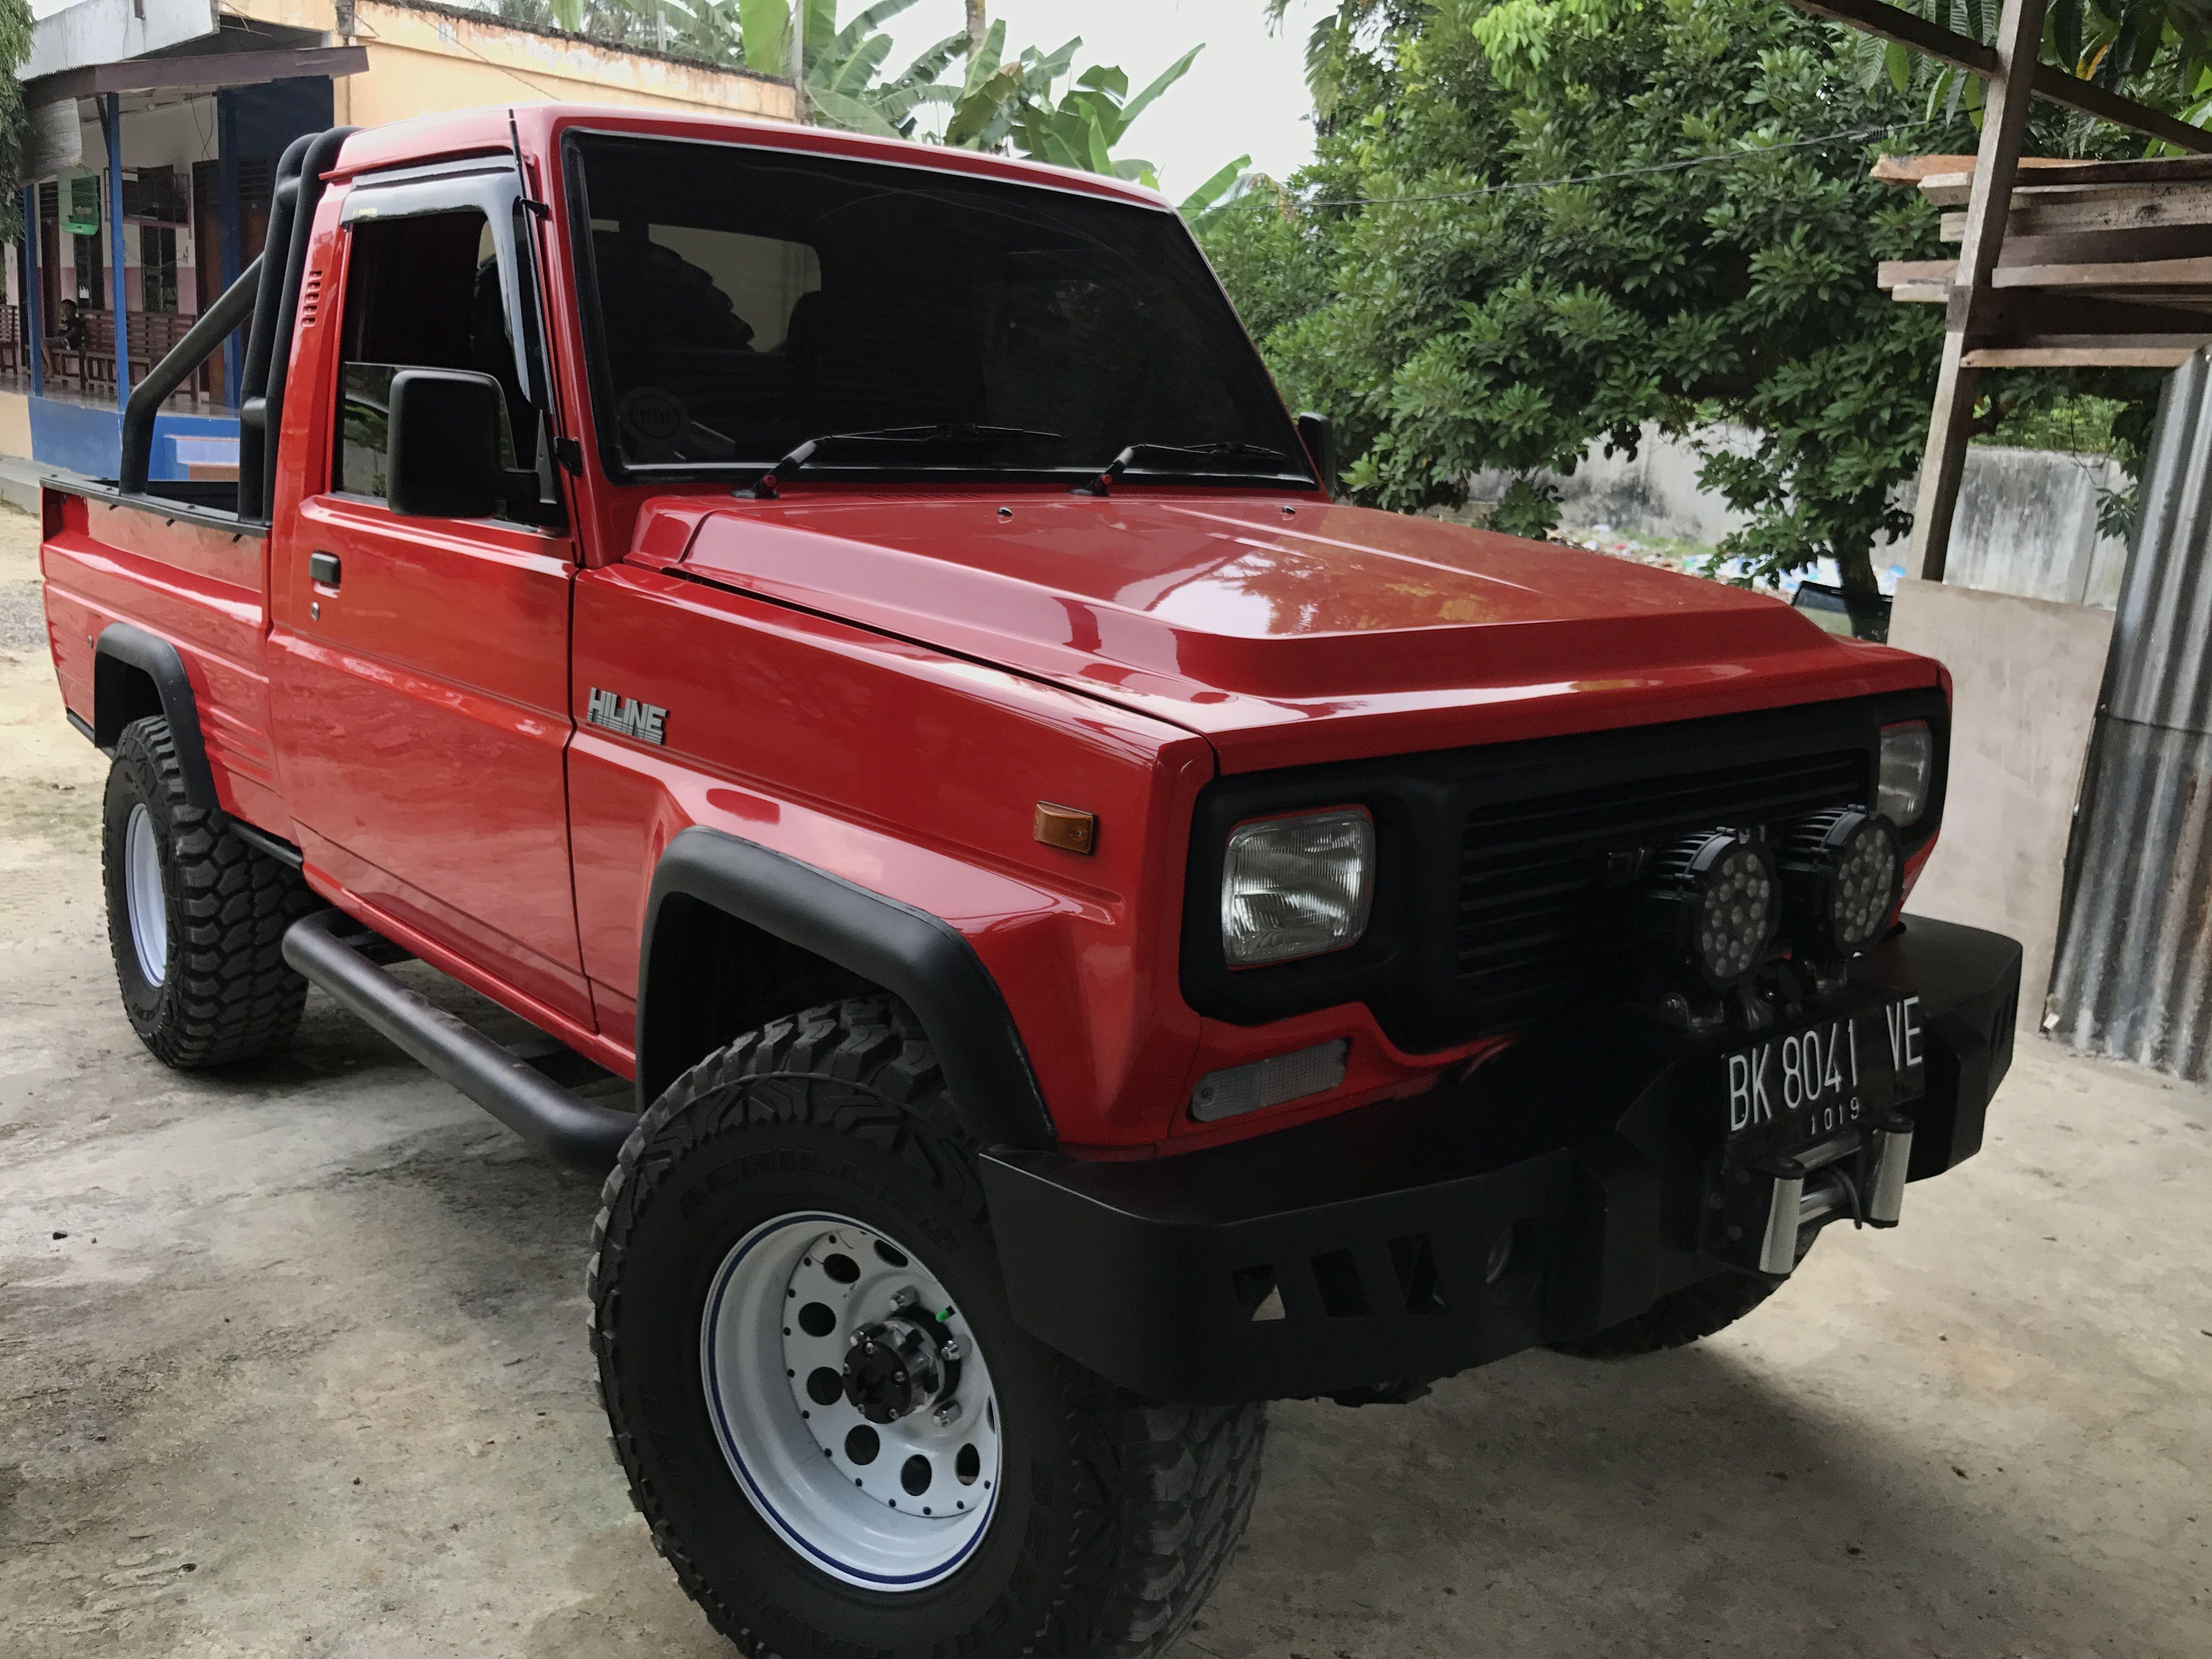 Daihatsu Daihatsuhiline Daihastuhilinepickup Pickup Tafthiline